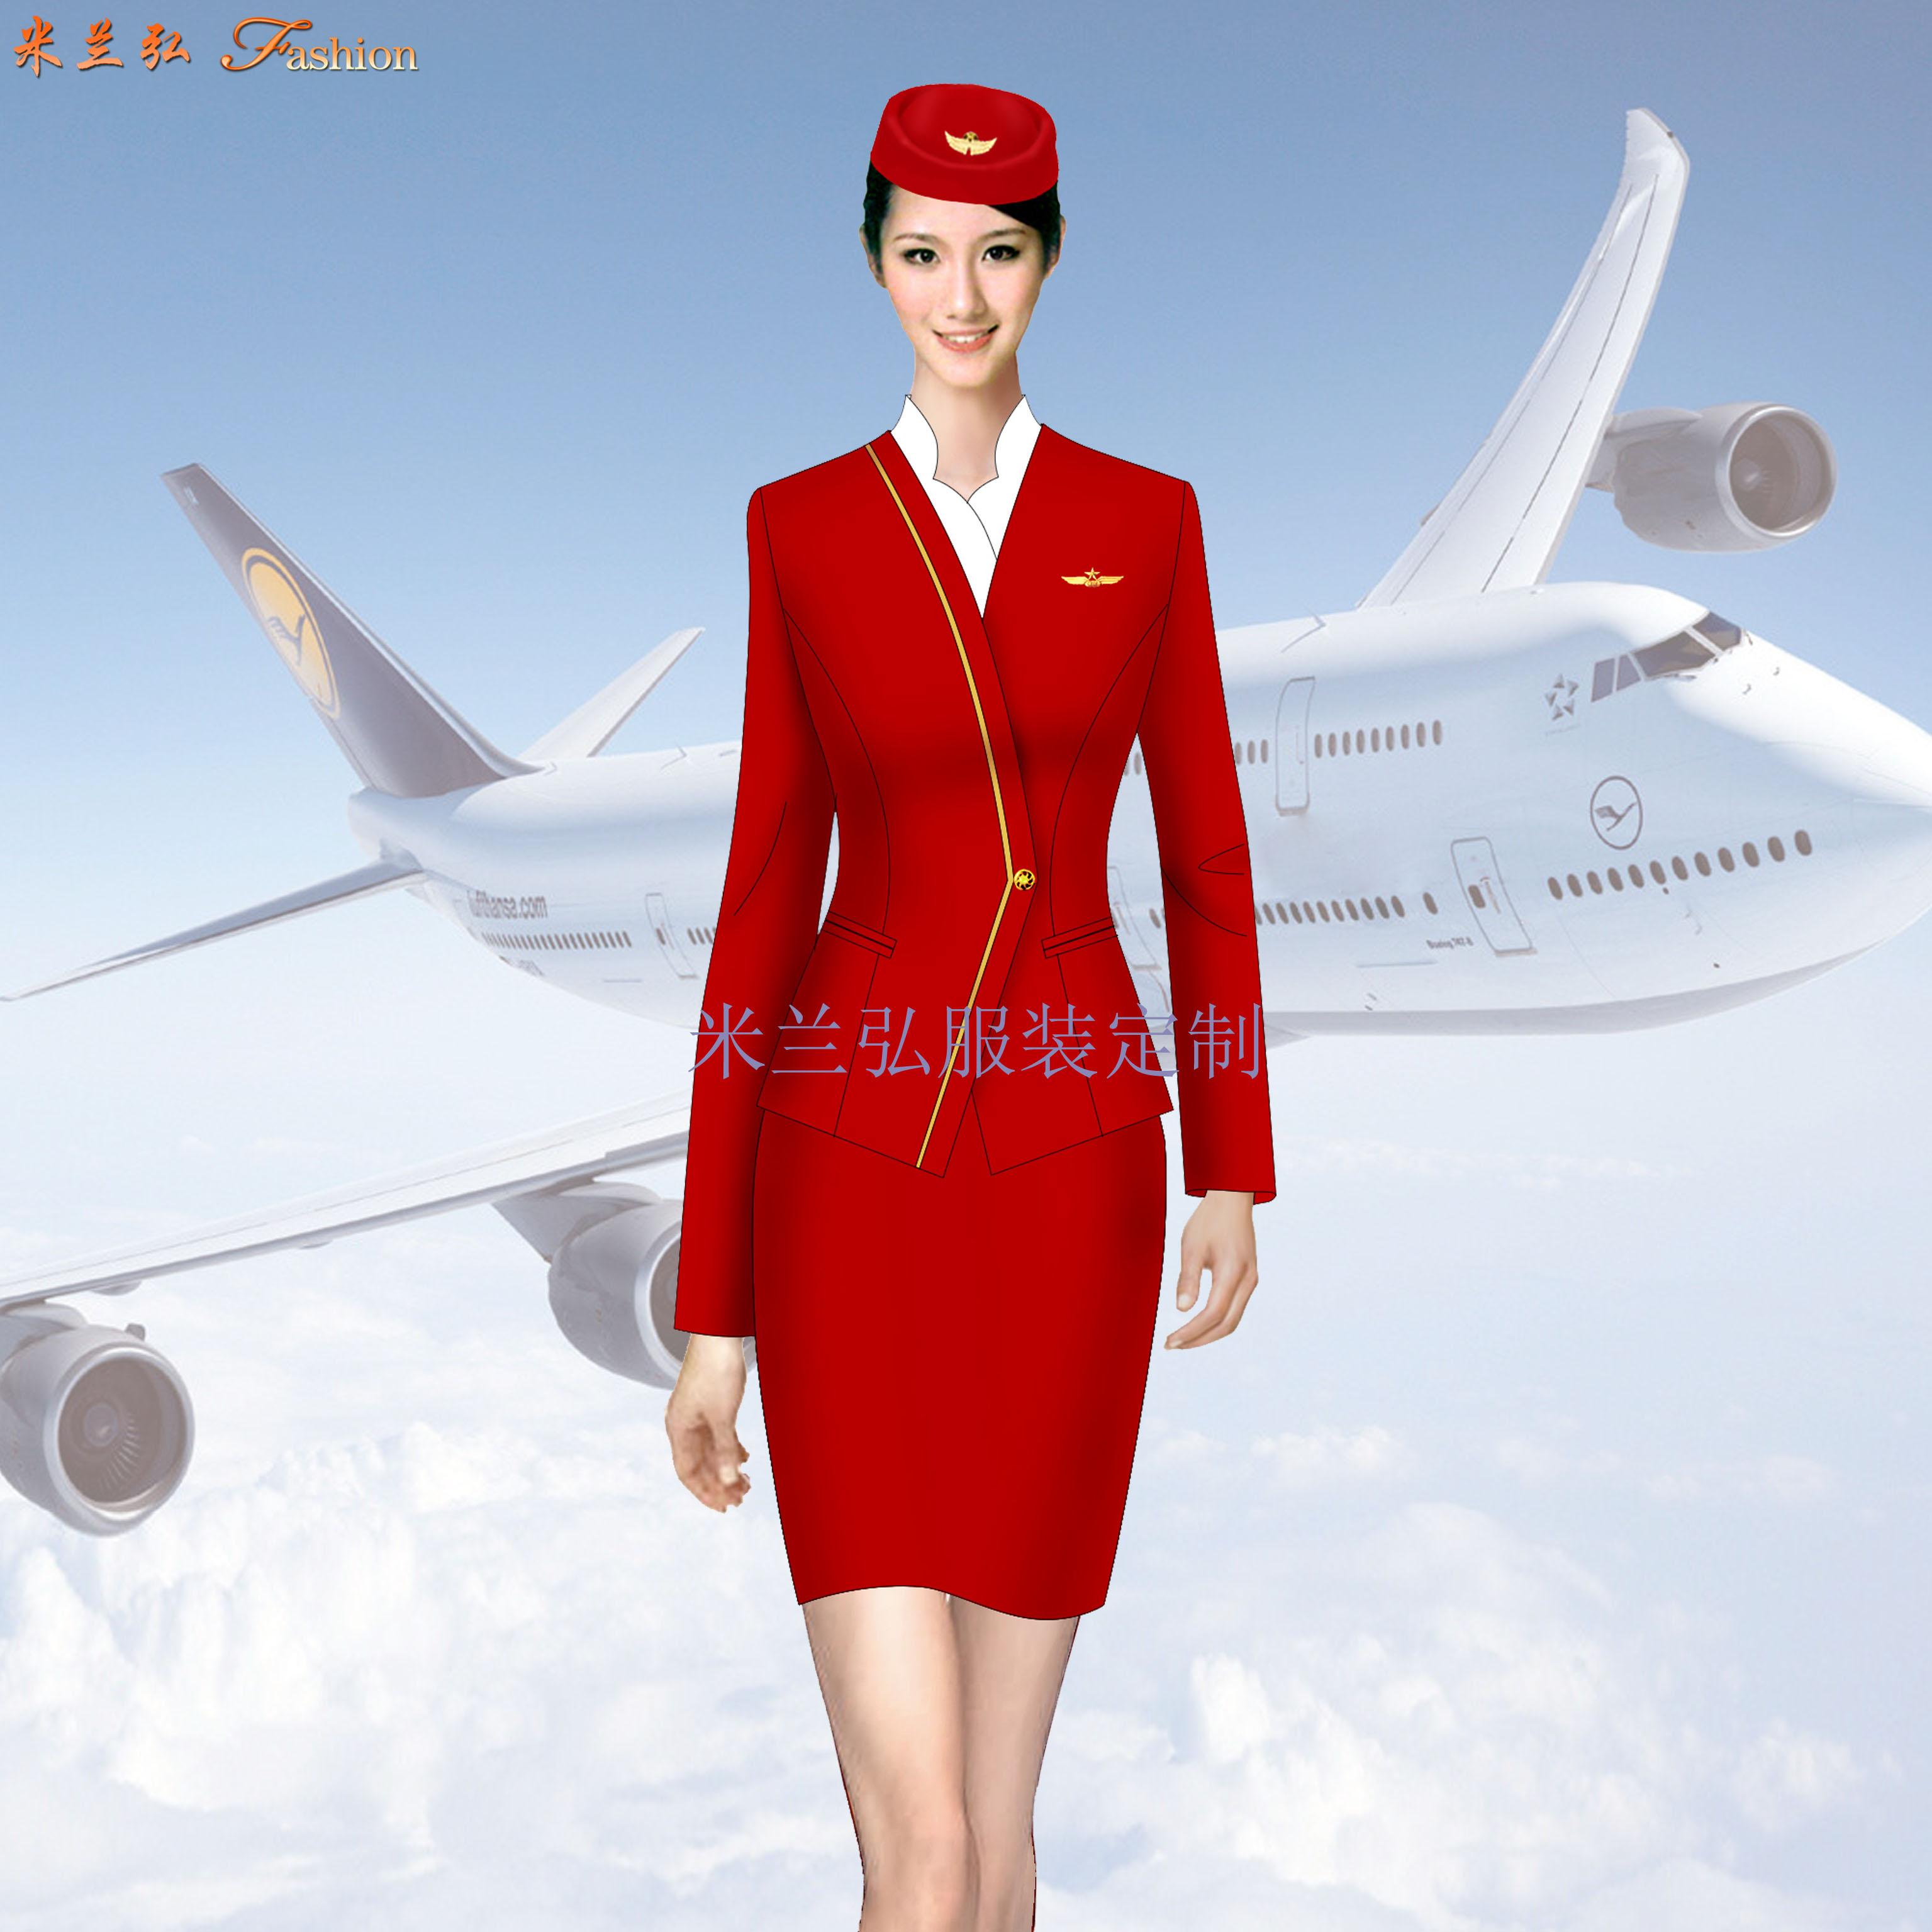 空姐服裝冬裝圖片_定做秋冬季乘務員毛滌職業裝-米蘭弘廠家-2